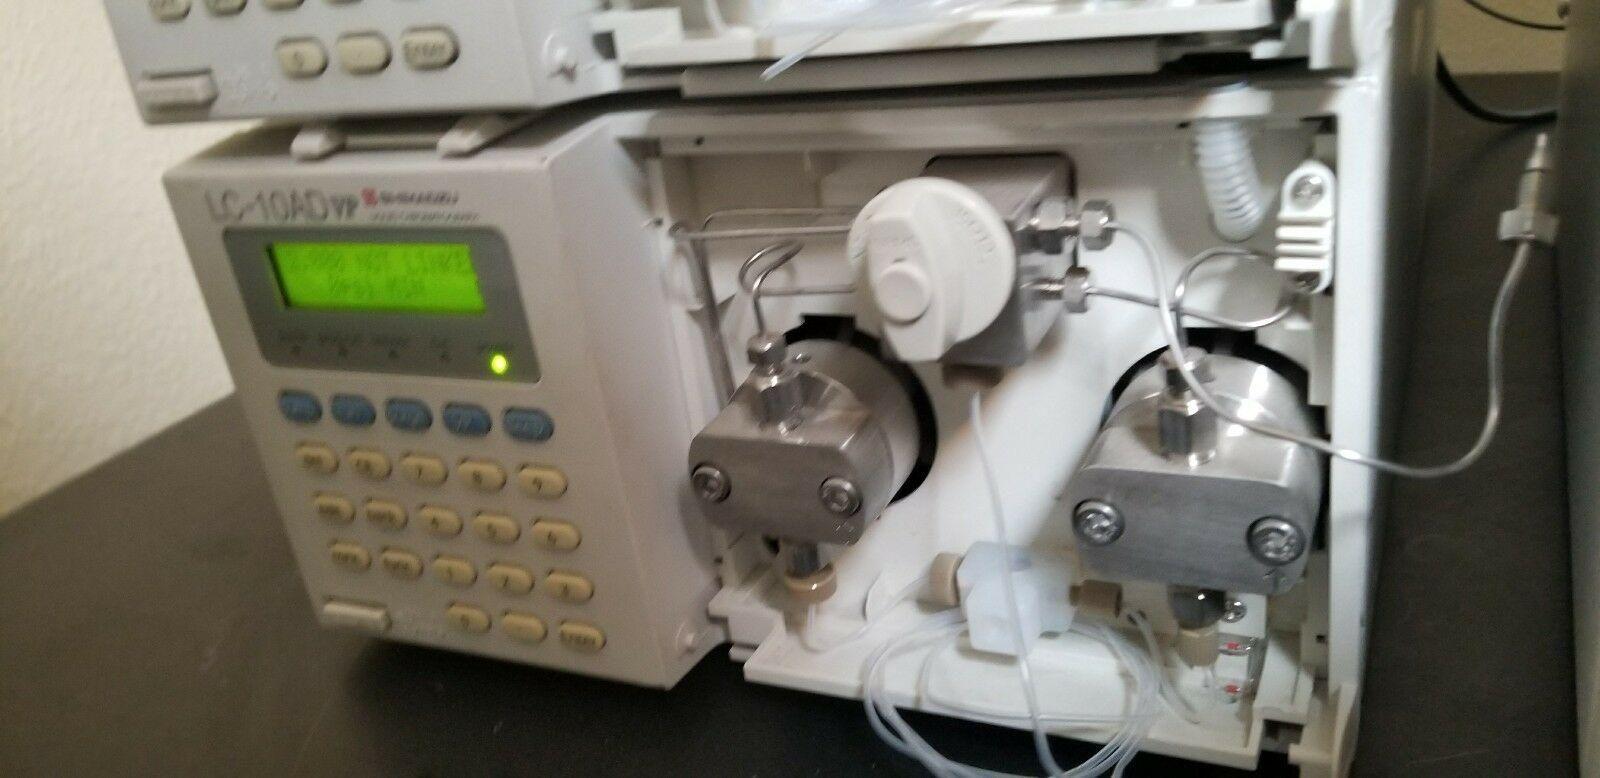 PE Sciex API 2000 LC/MS/MS System with Shimadzu LC10ADVP HPLC